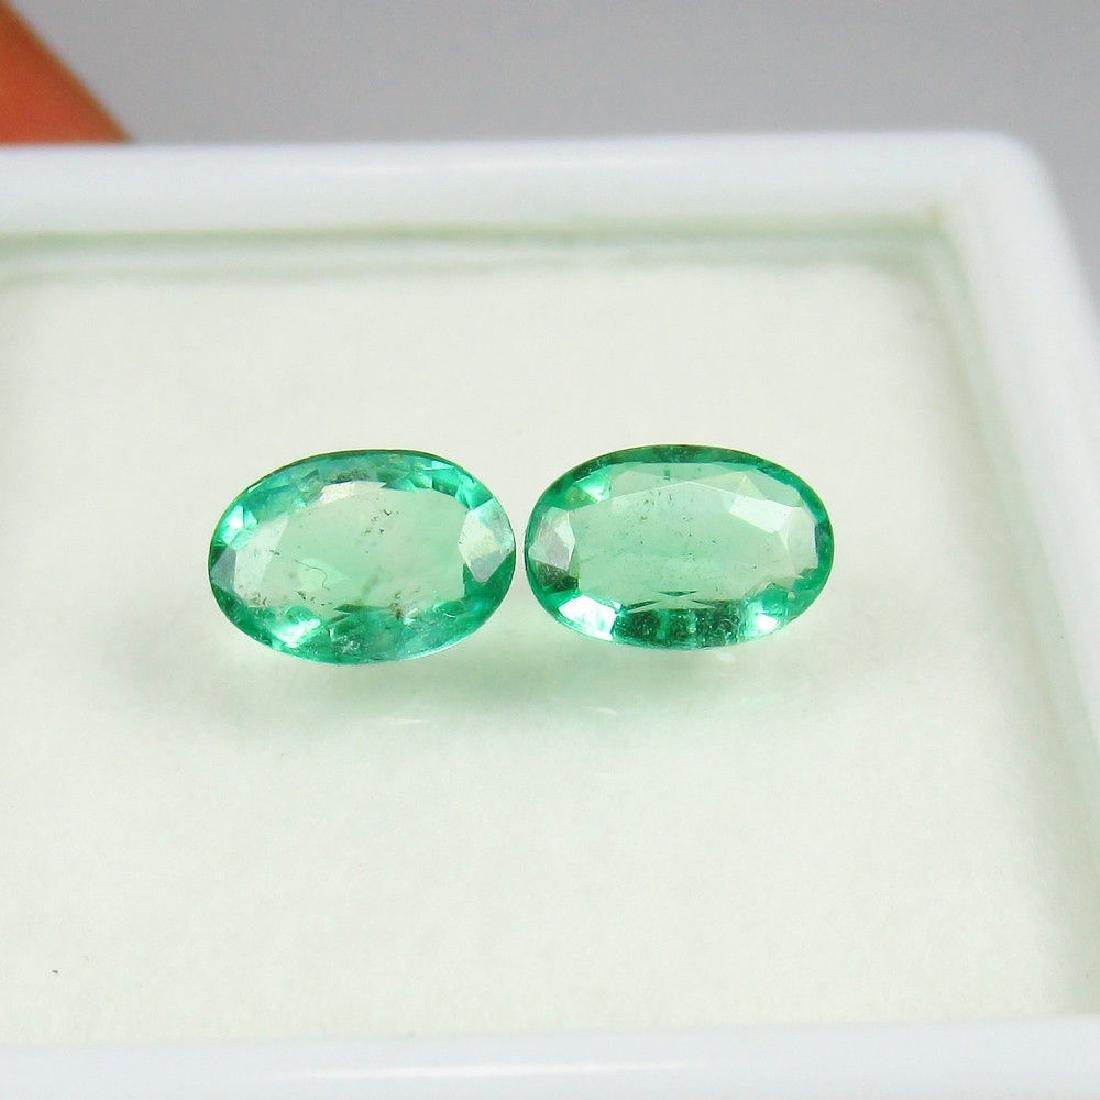 0.94 Carat Natural Loose Emerald Oval Pair